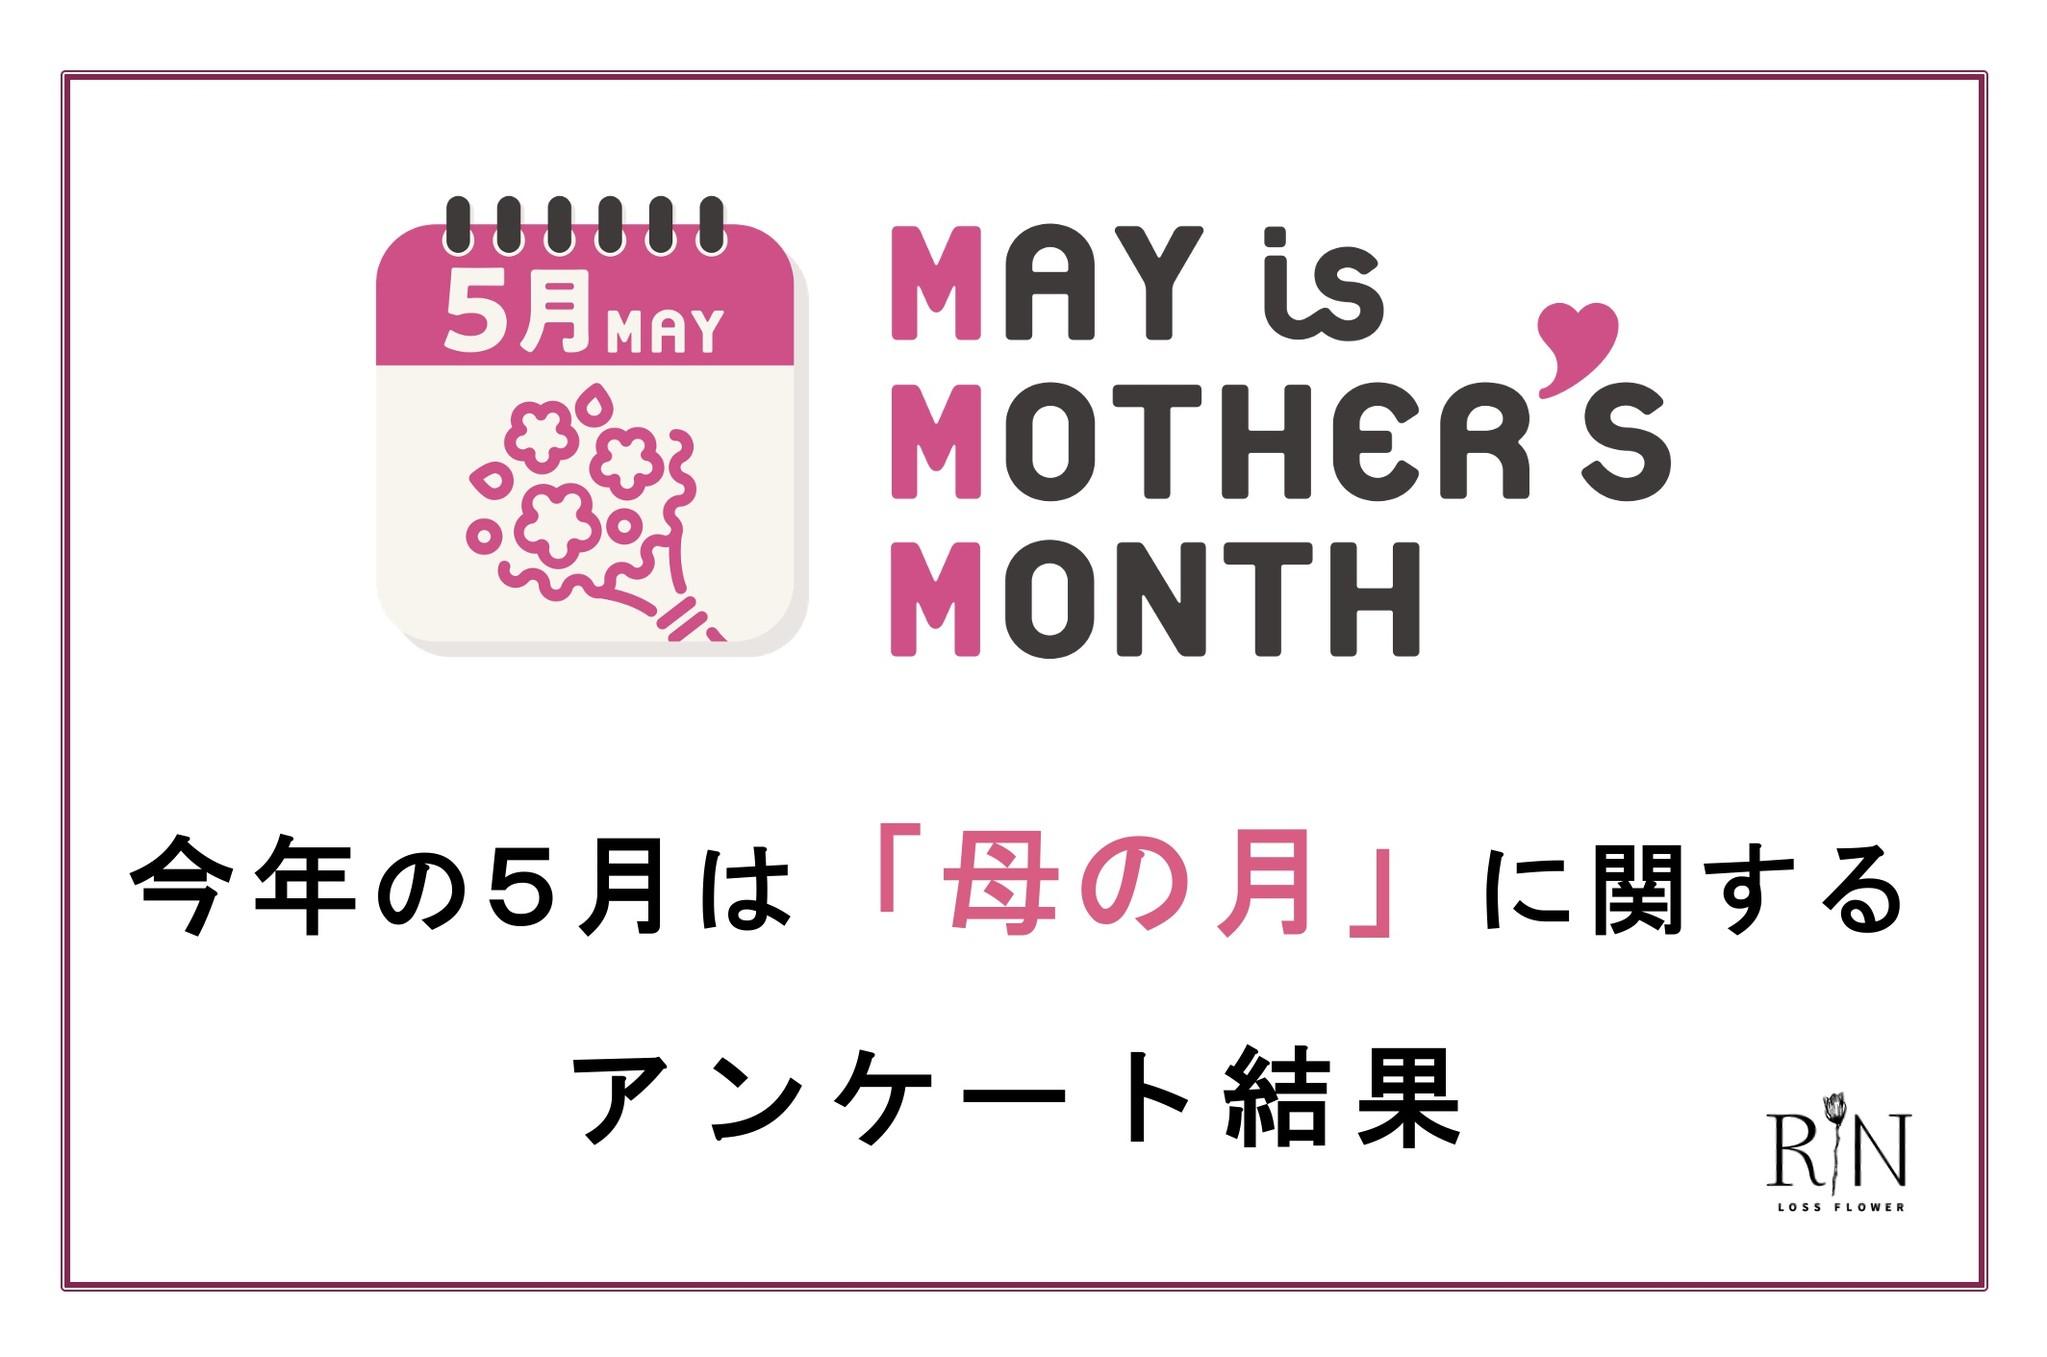 今年の「母の日」、57.1%がーヶ月間『母の月』として打ち出すことに ...